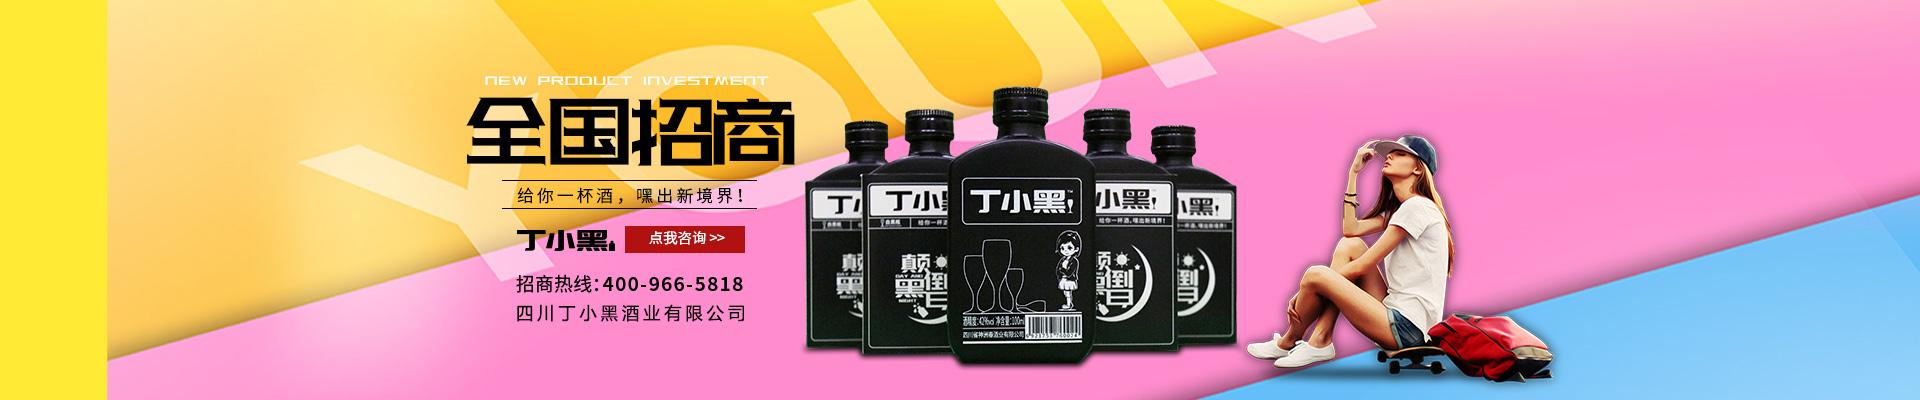 四川丁小黑酒业有限公司